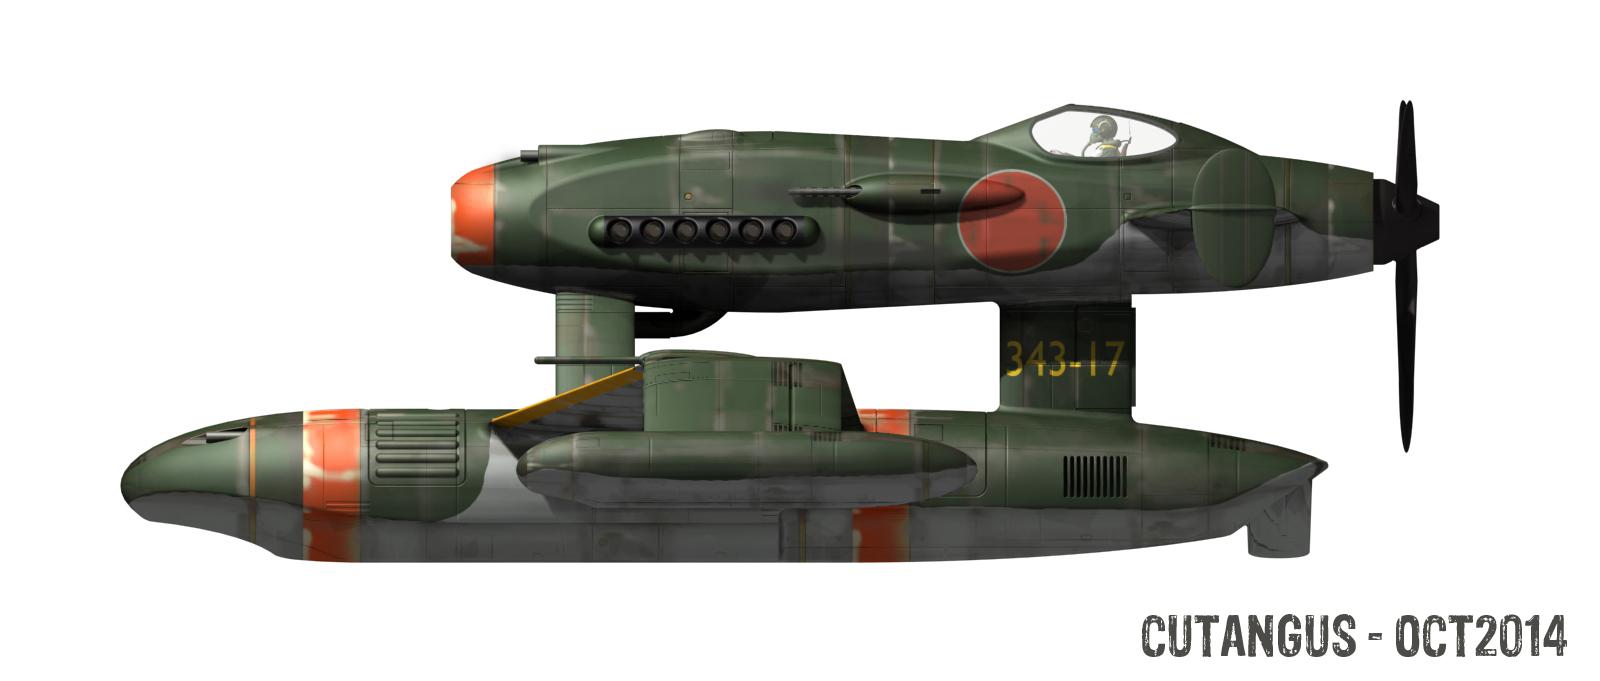 aerodyne_171_a_profile_by_cutangus-d84pg